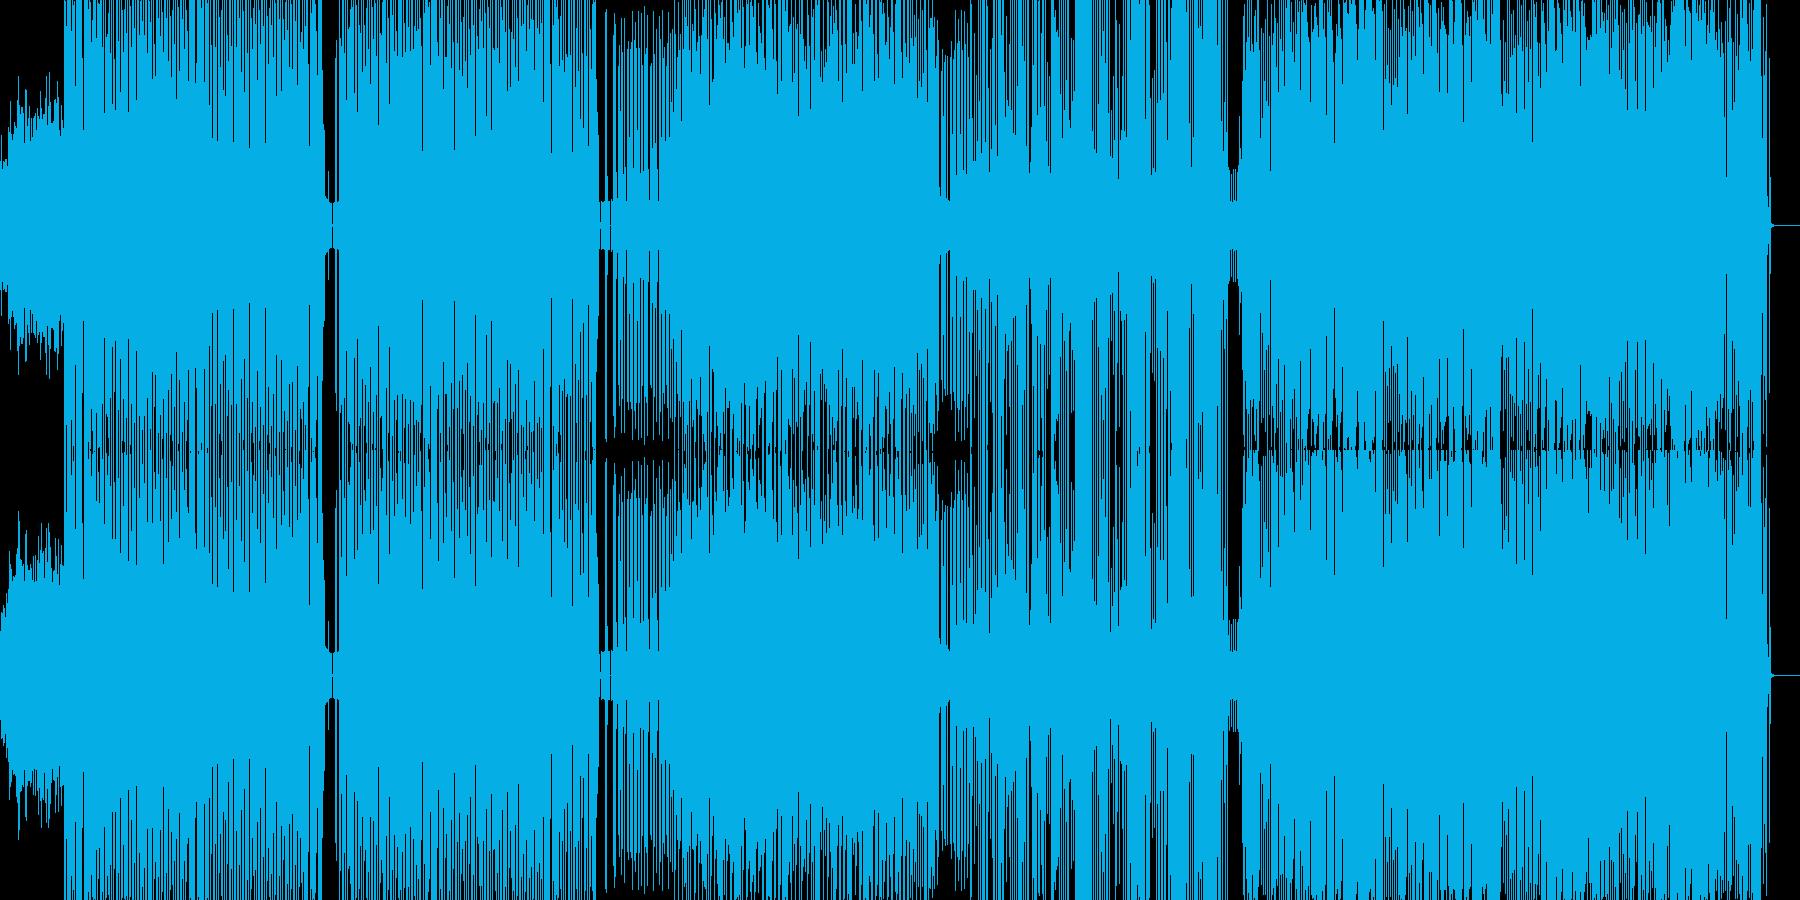 パーカッシブなディスコサウンドがあって…の再生済みの波形